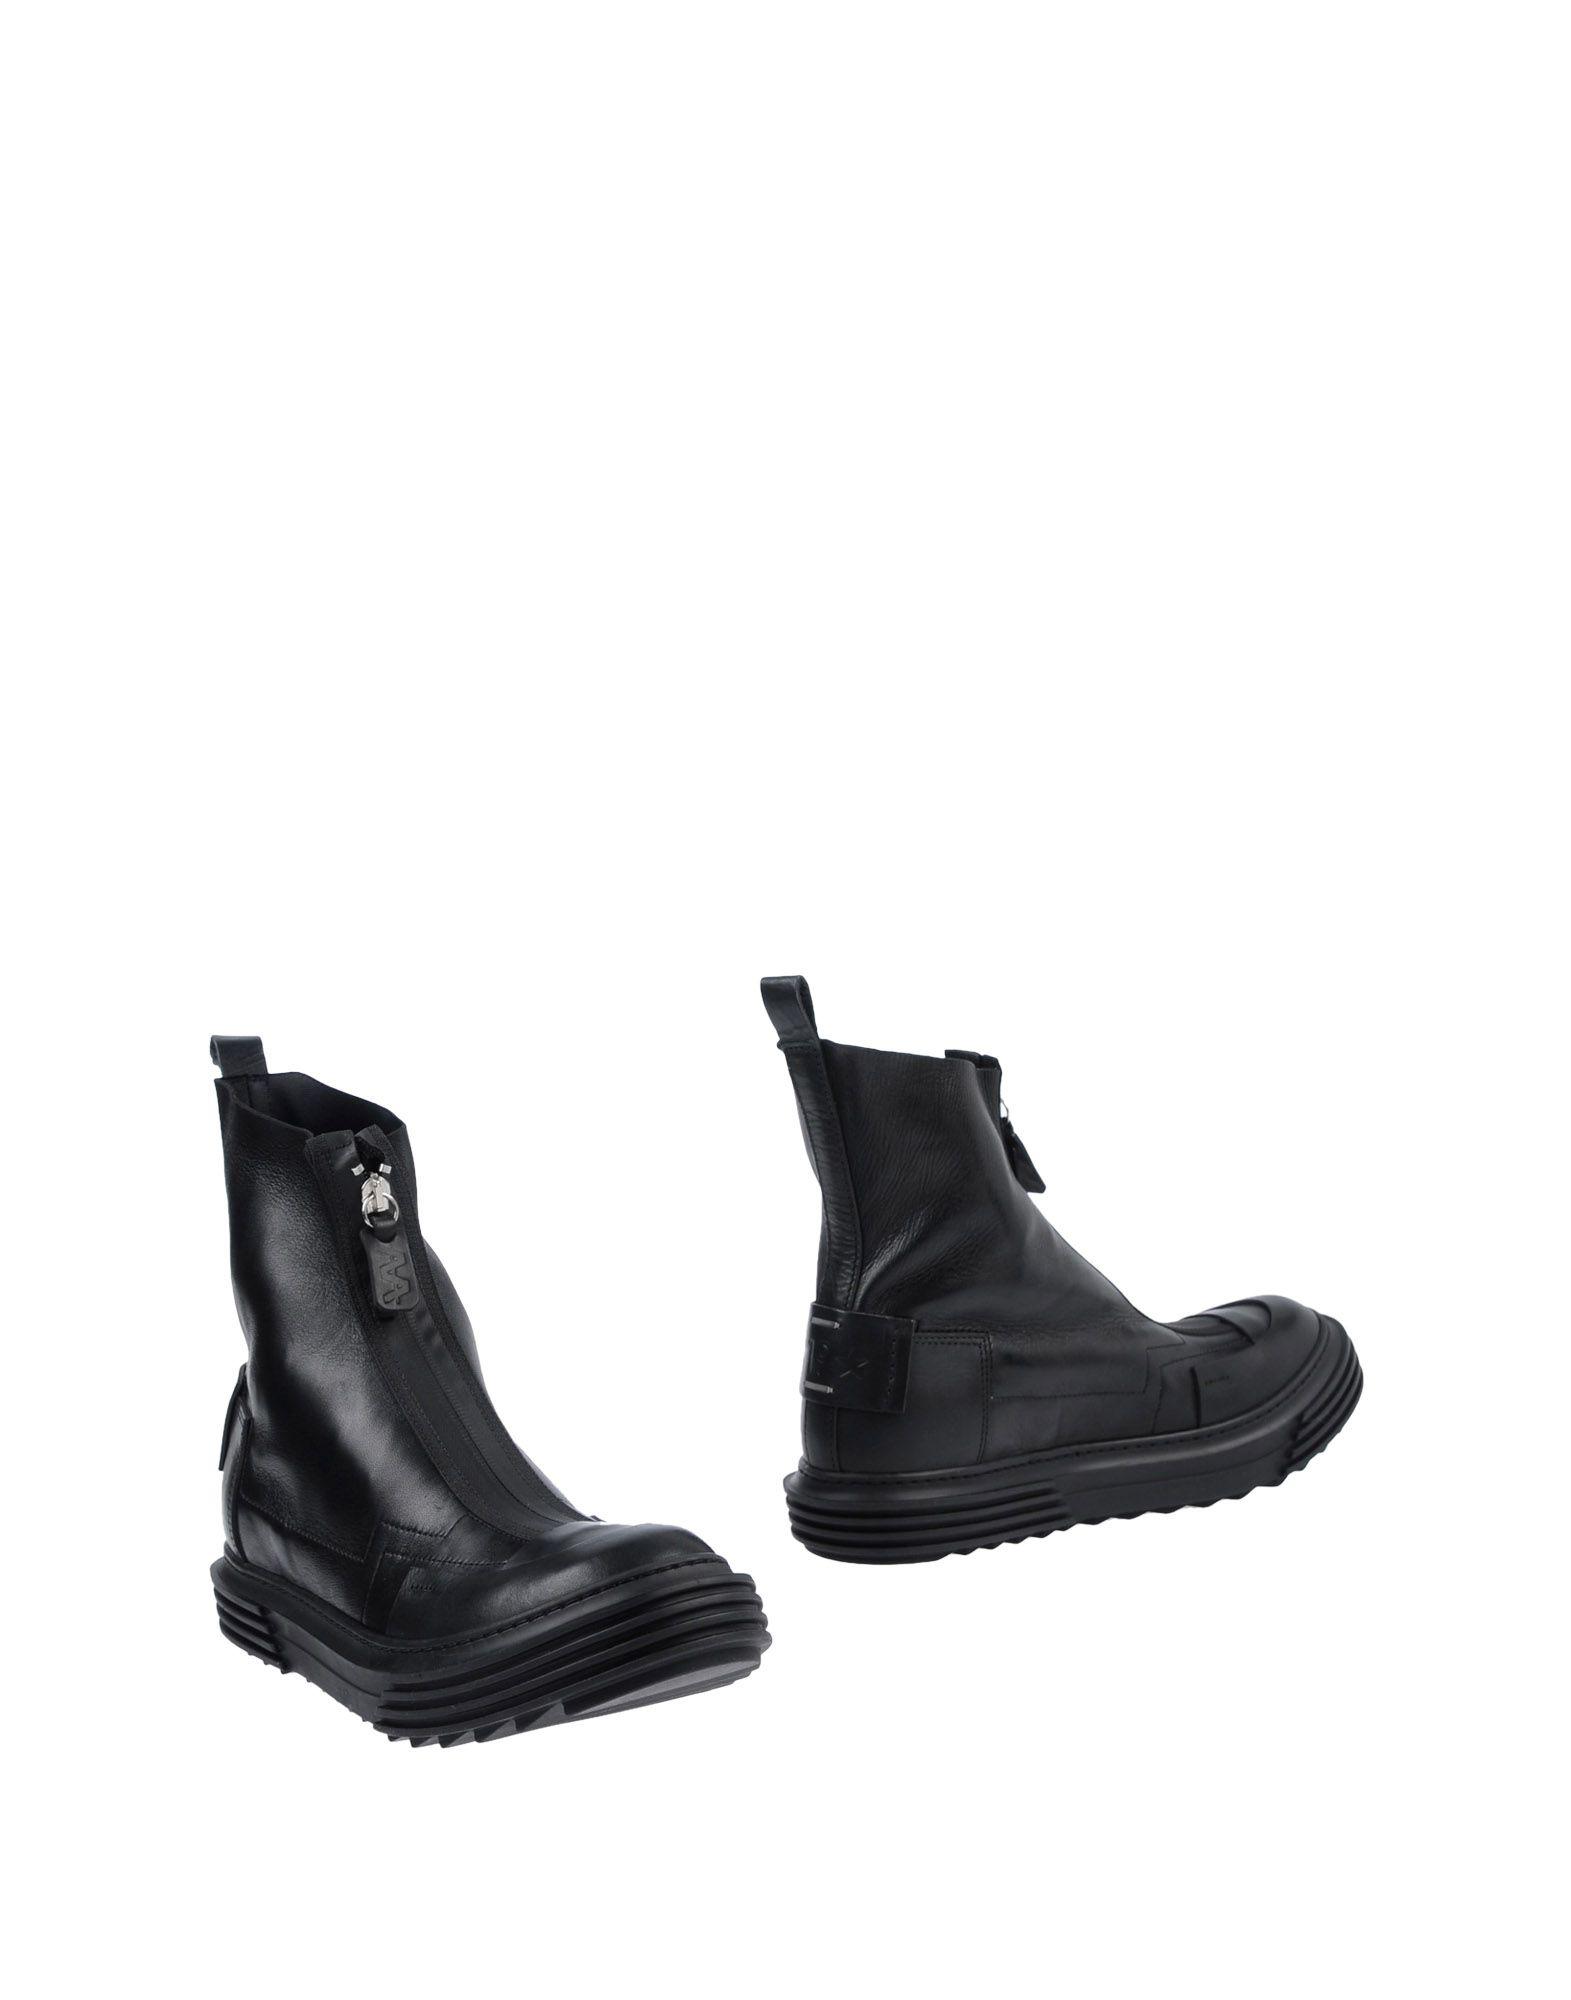 Artselab Stiefelette Herren  11462913IW Gute Qualität beliebte Schuhe